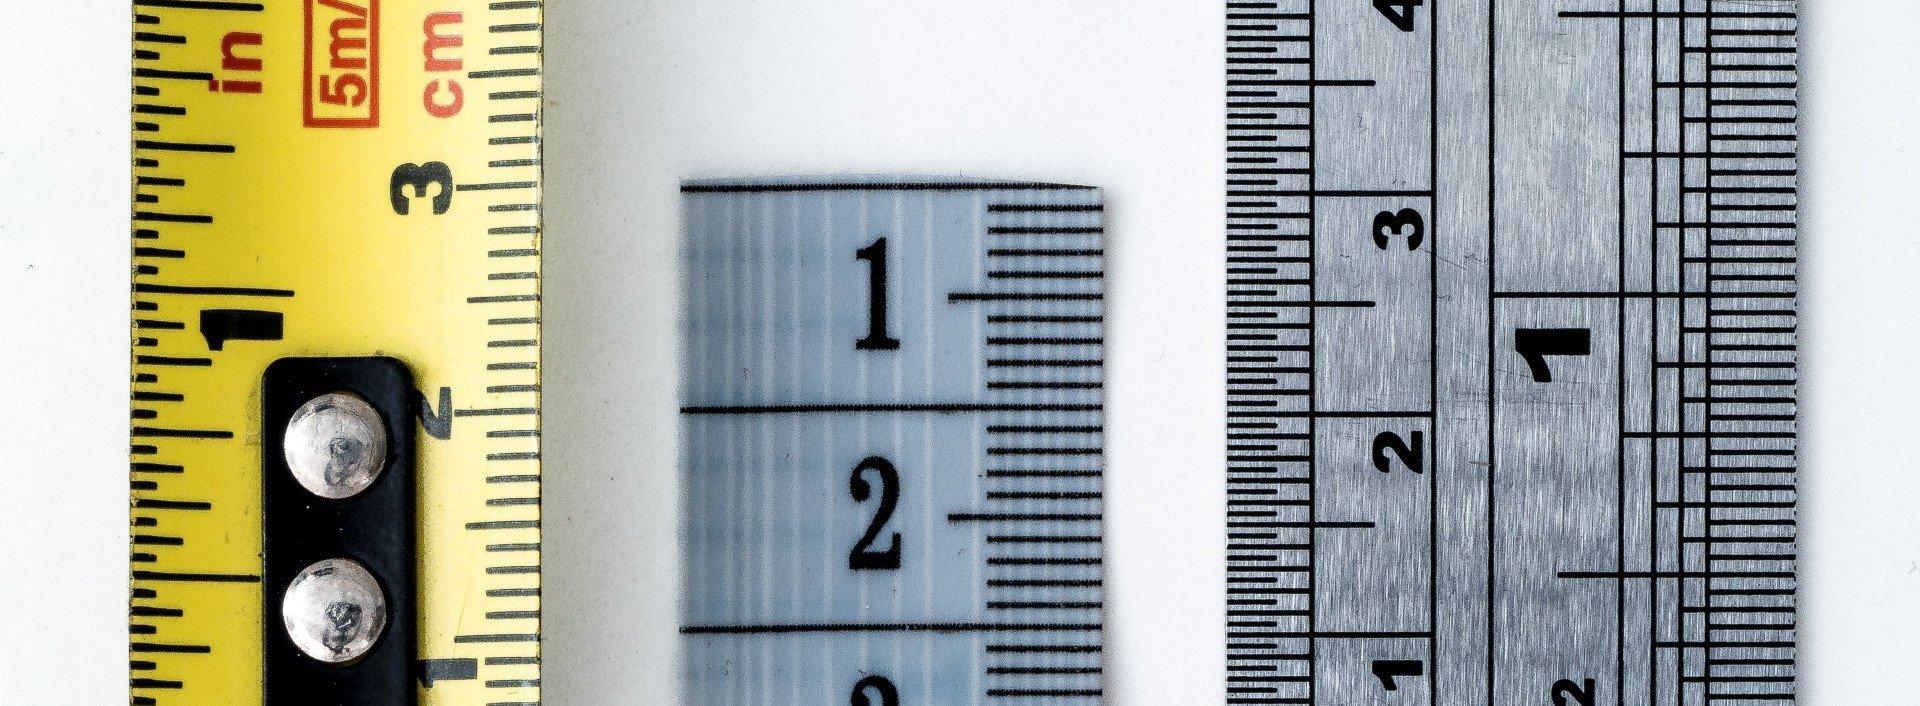 Drei Lineale liegen nebeneinander auf einem weißen Hintergrund und zeigen die Maße in englischer Sprache.